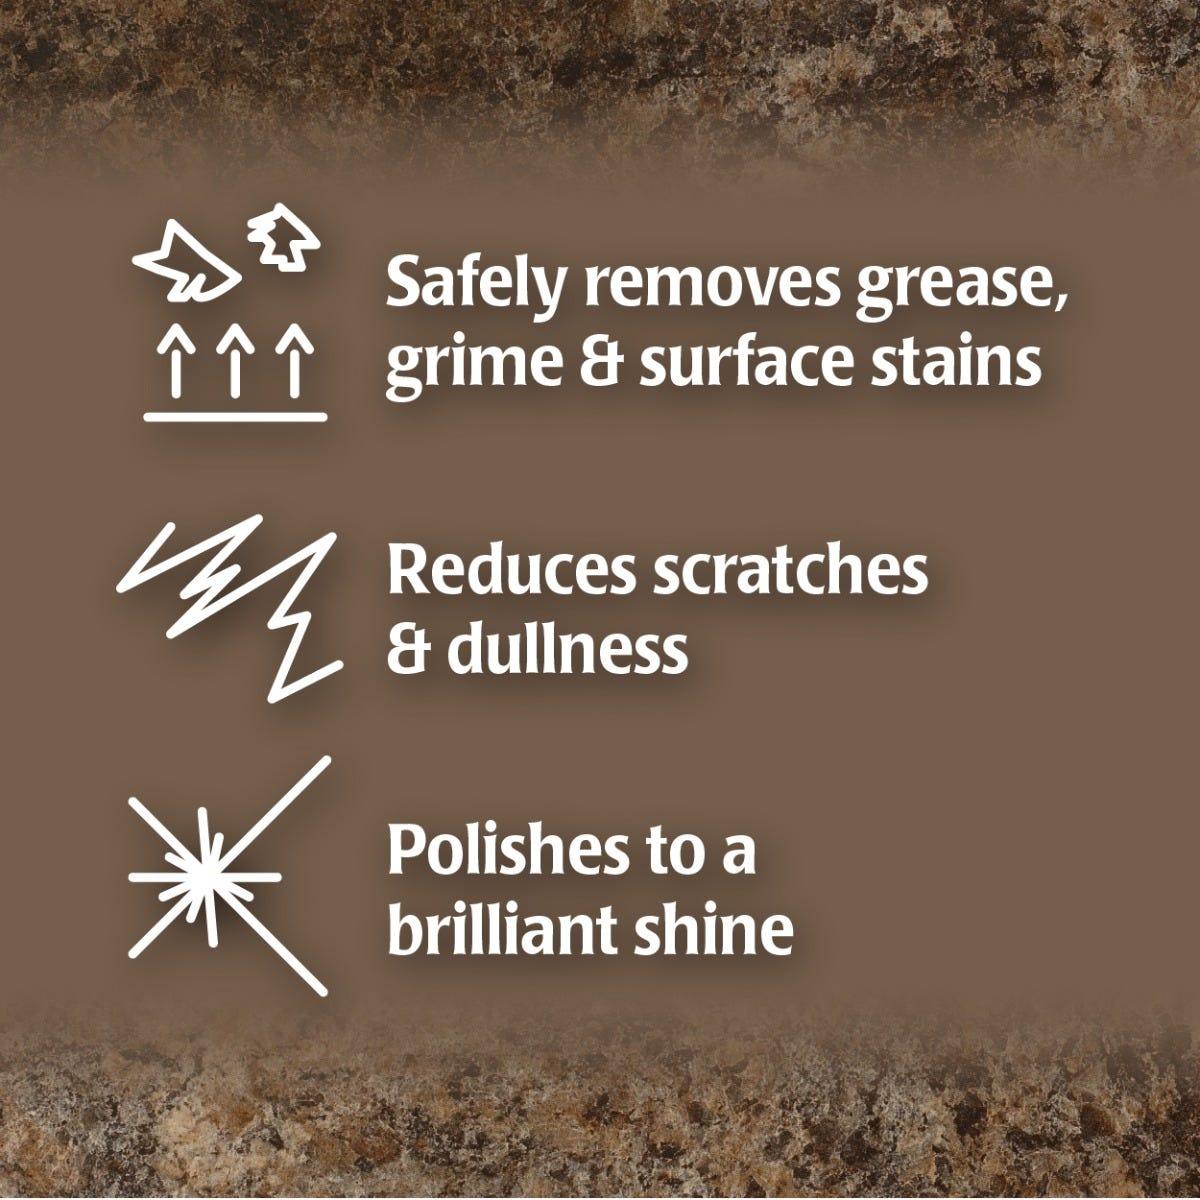 https://googone.com/media/catalog/product/g/r/granite_cleaner_aerosol_02.jpg